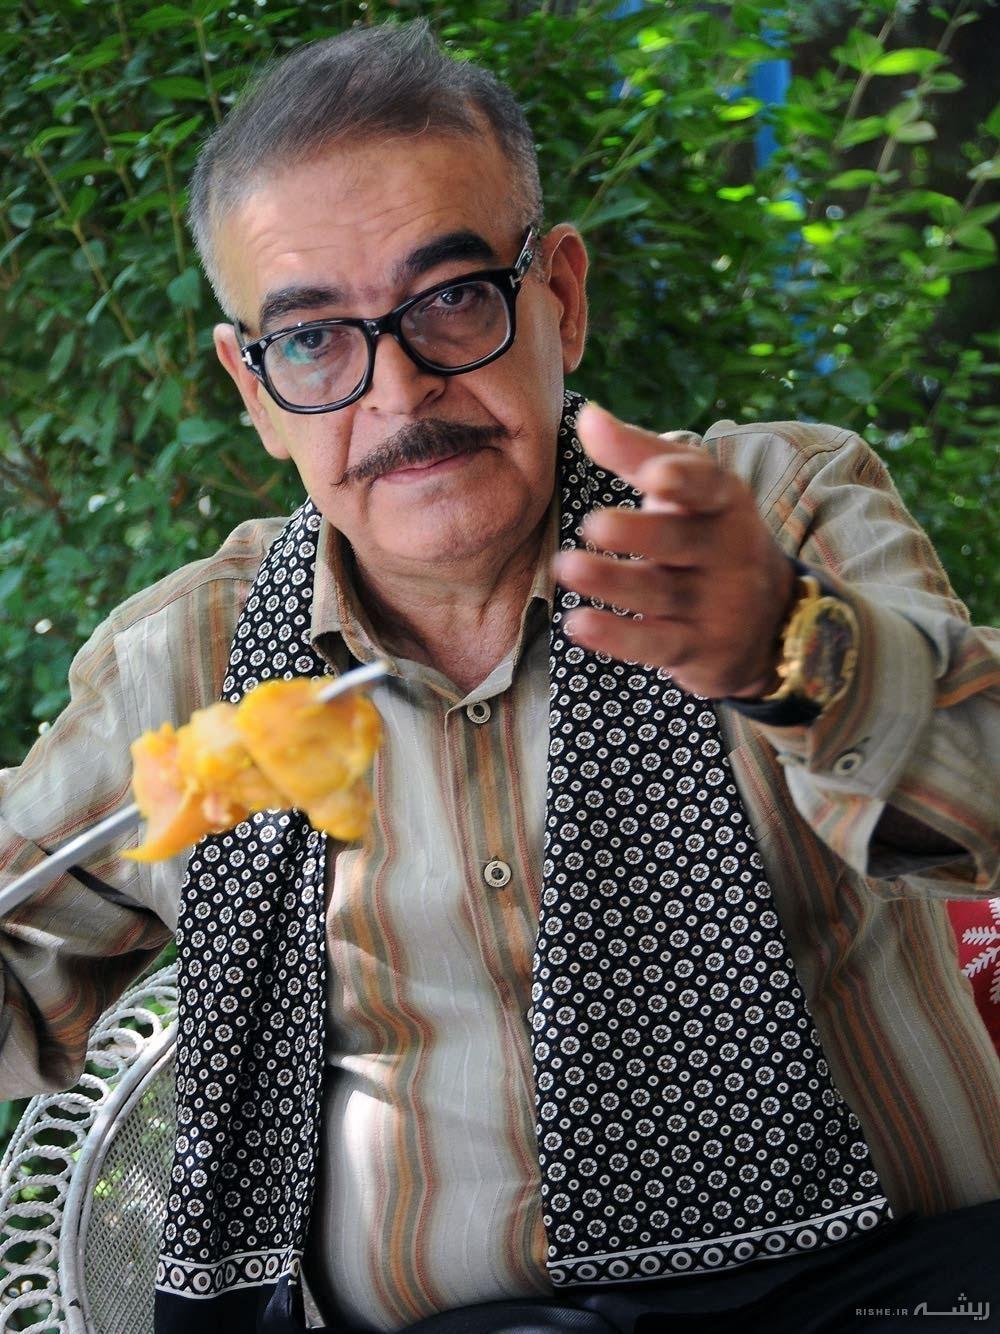 حمید لولایی کنار دخترش + عکس | پایگاه خبری ریشه